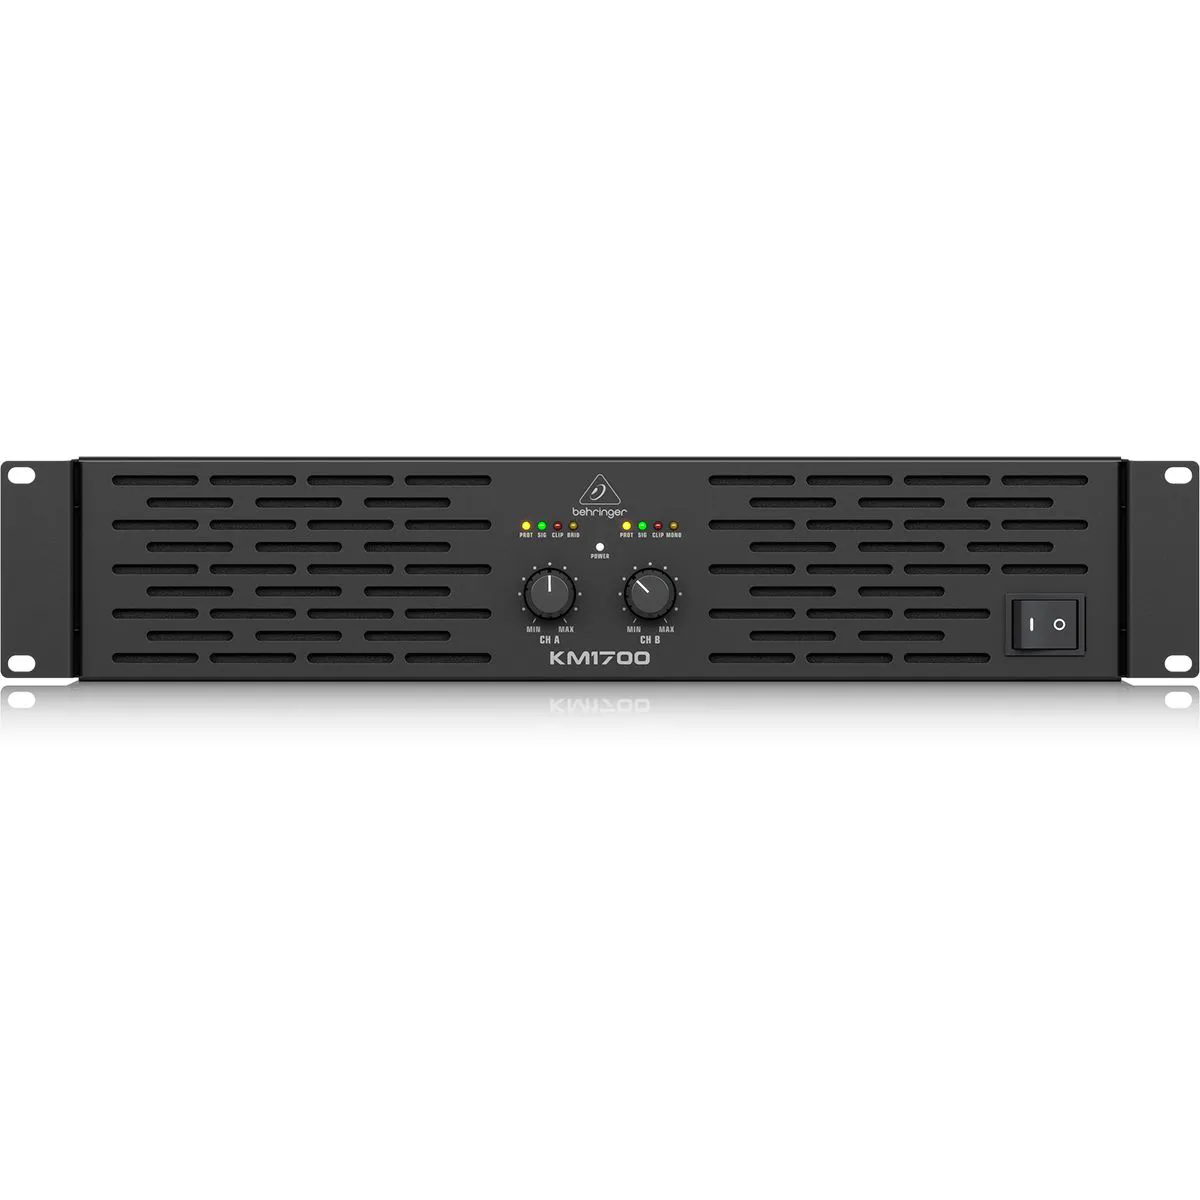 Amplificador de Pontencia  Behringer KM1700 de 2 Canais